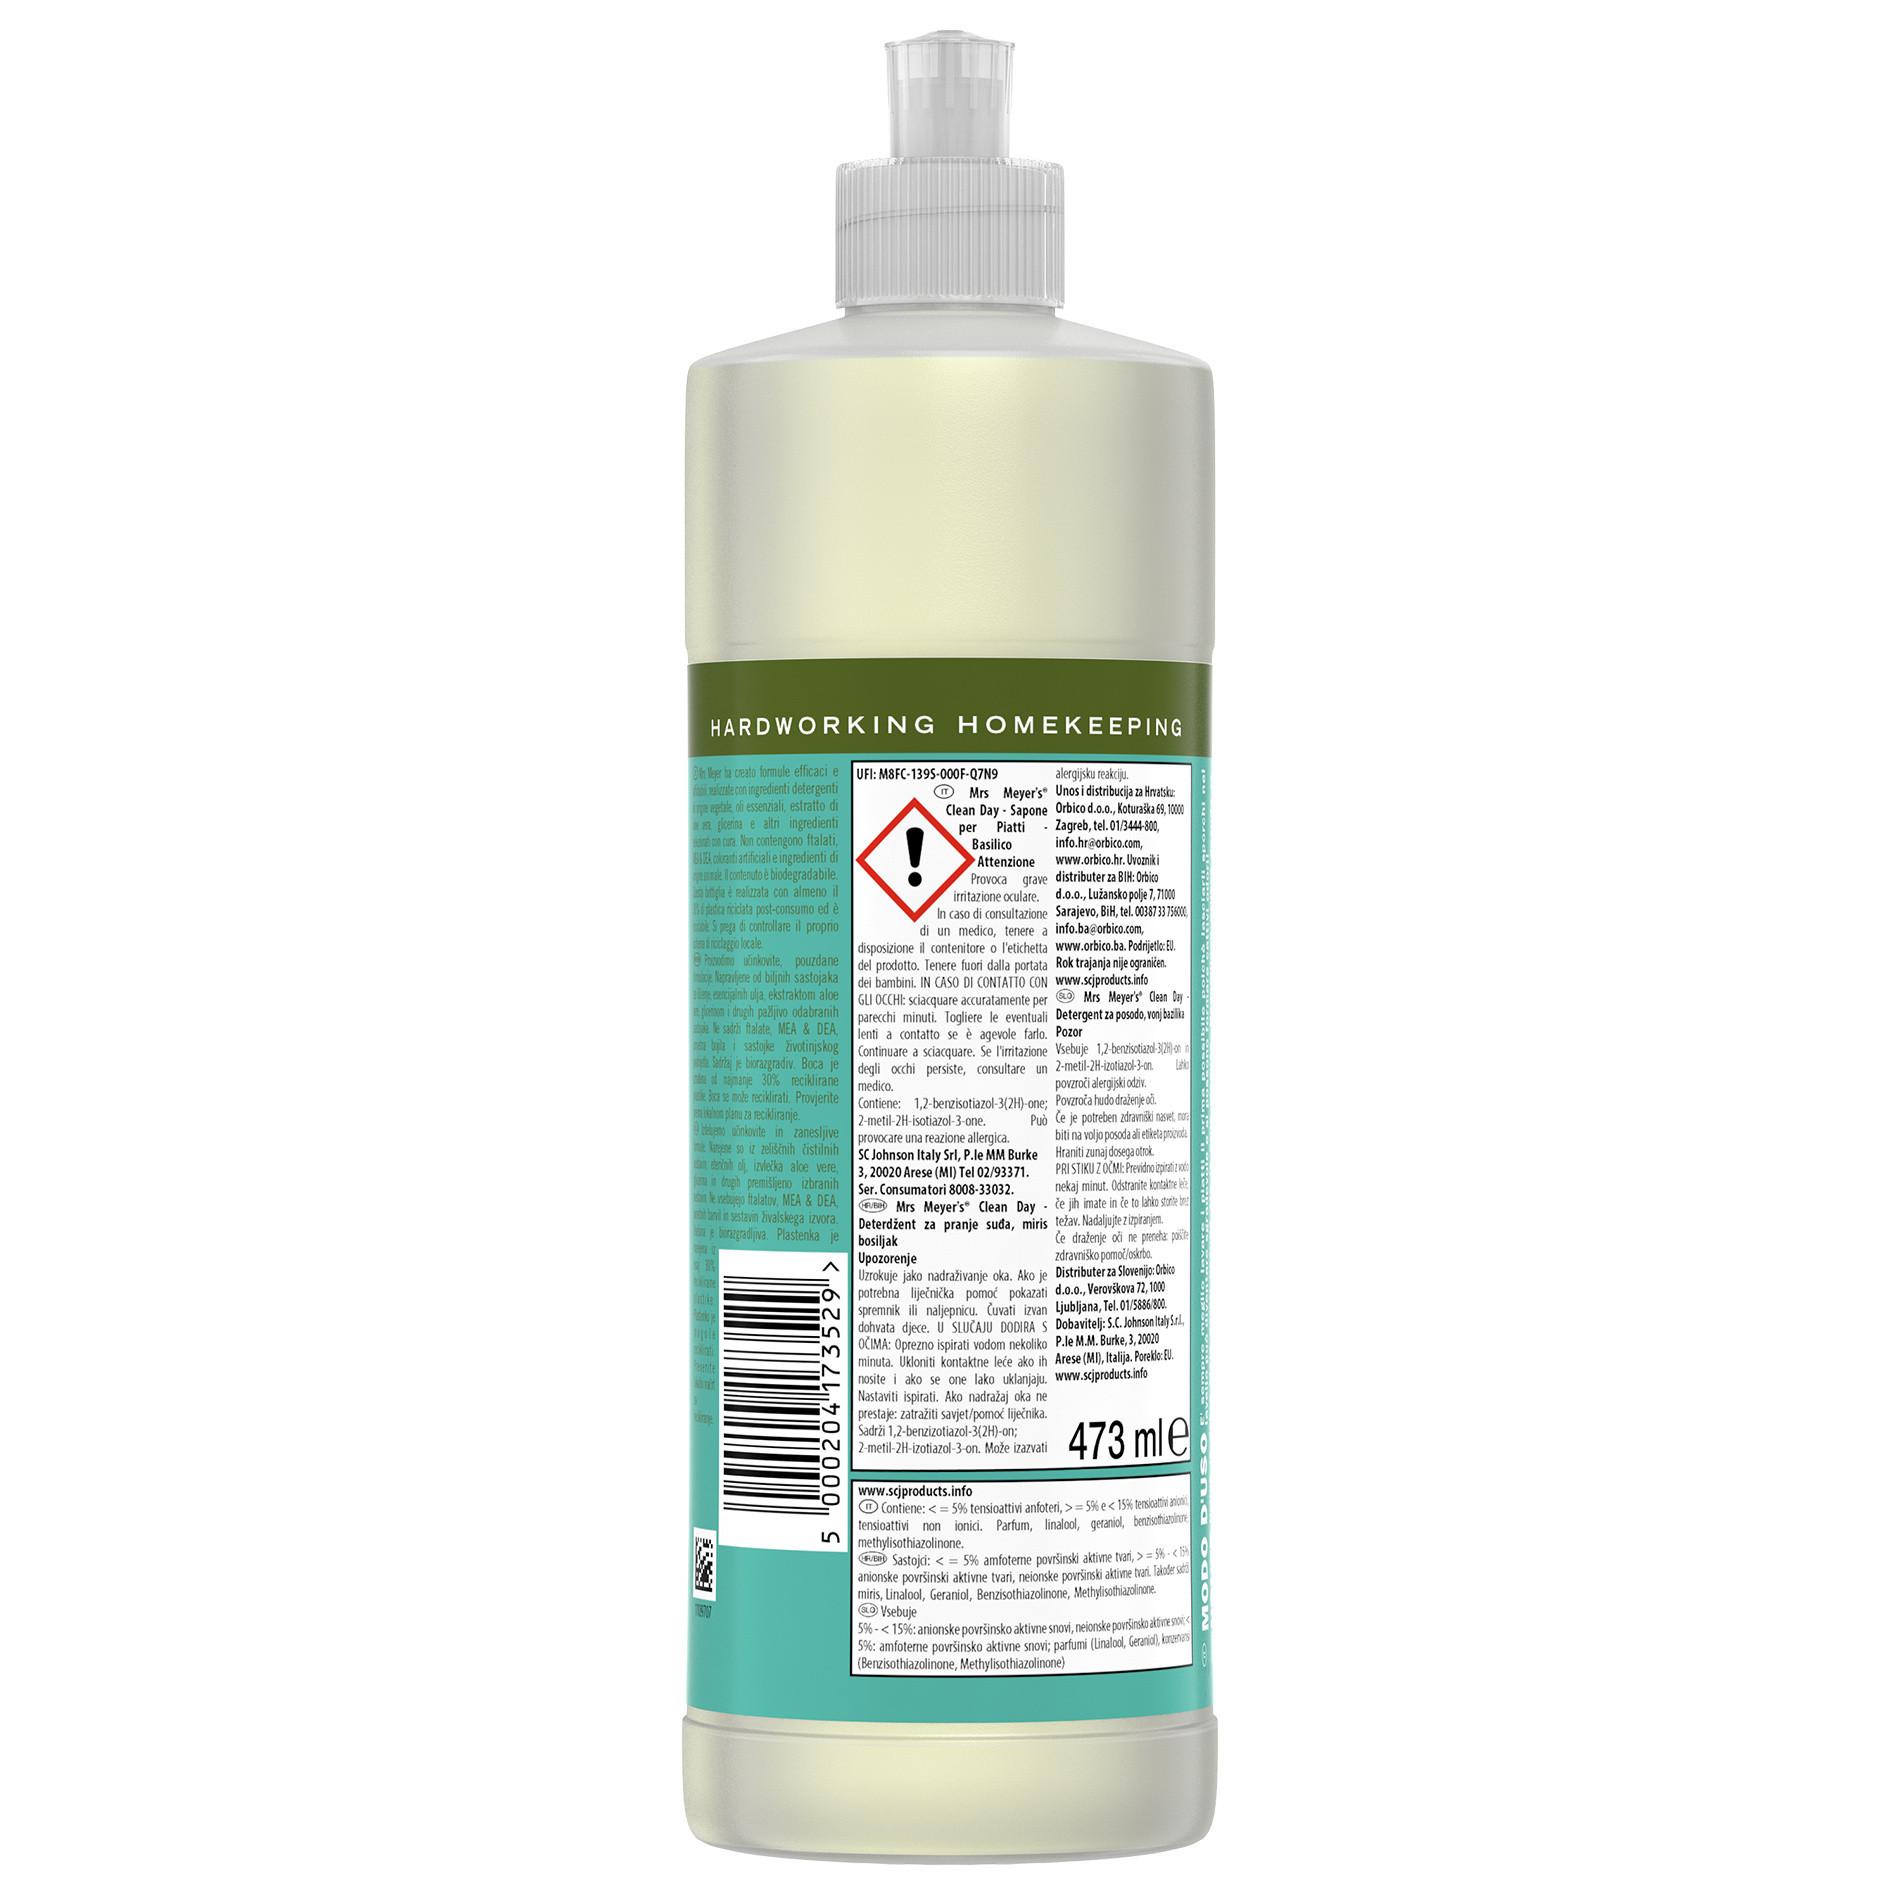 Sapone per piatti profumo di basilico 473ml, Verde smeraldo, large image number 1